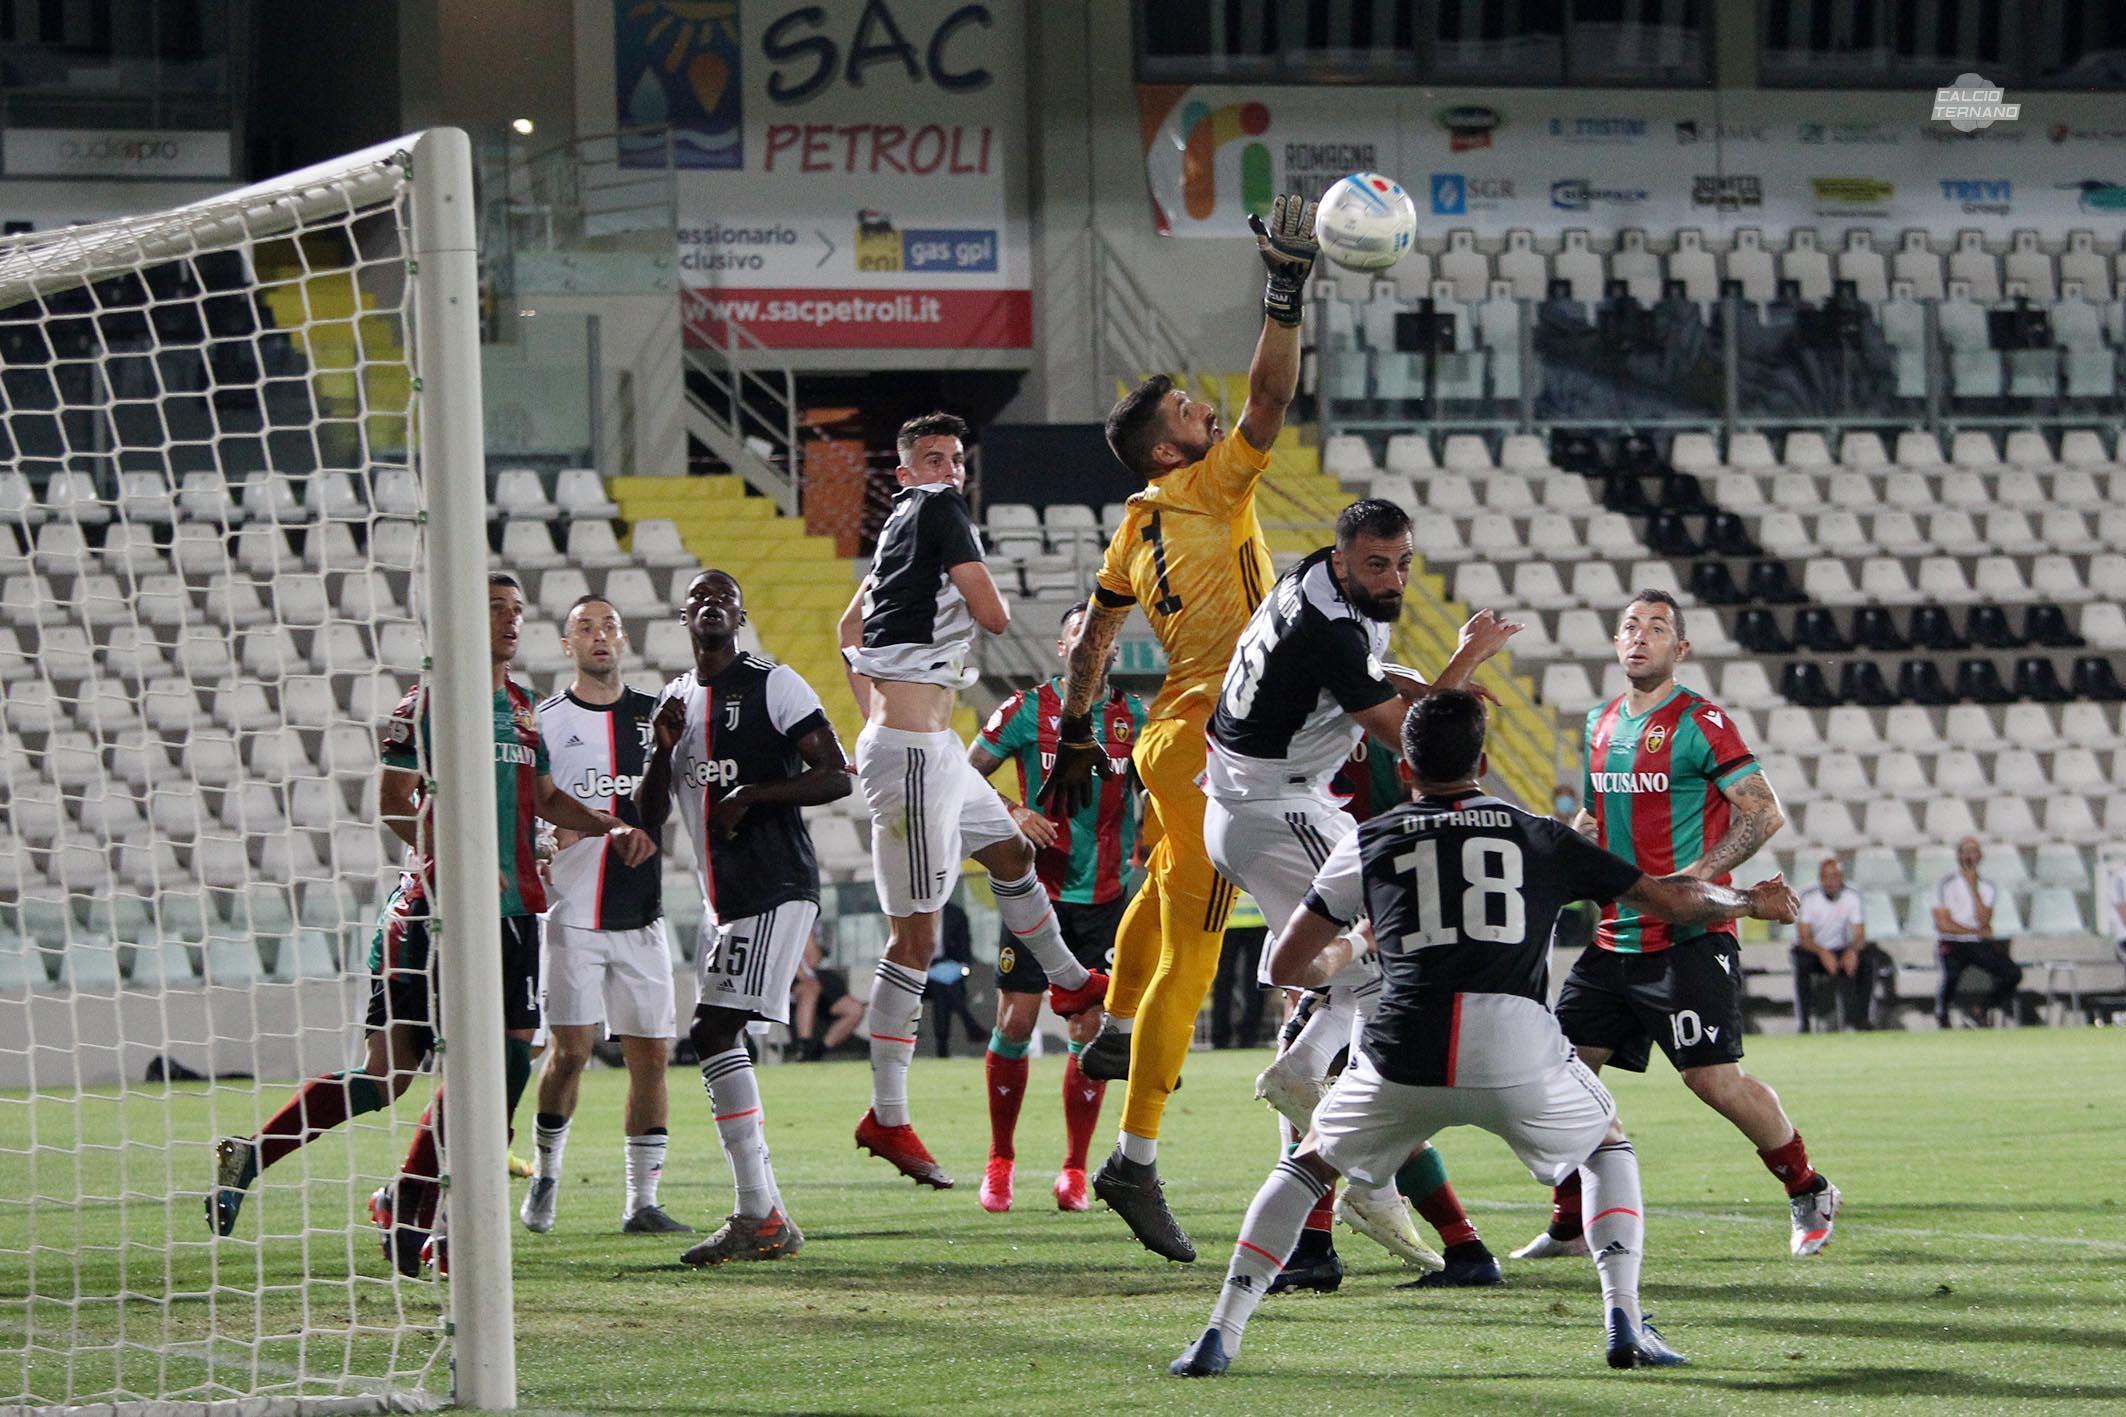 Ternana-Juventus Under 23 nella finale di Coppa Italia giocata a Cesena